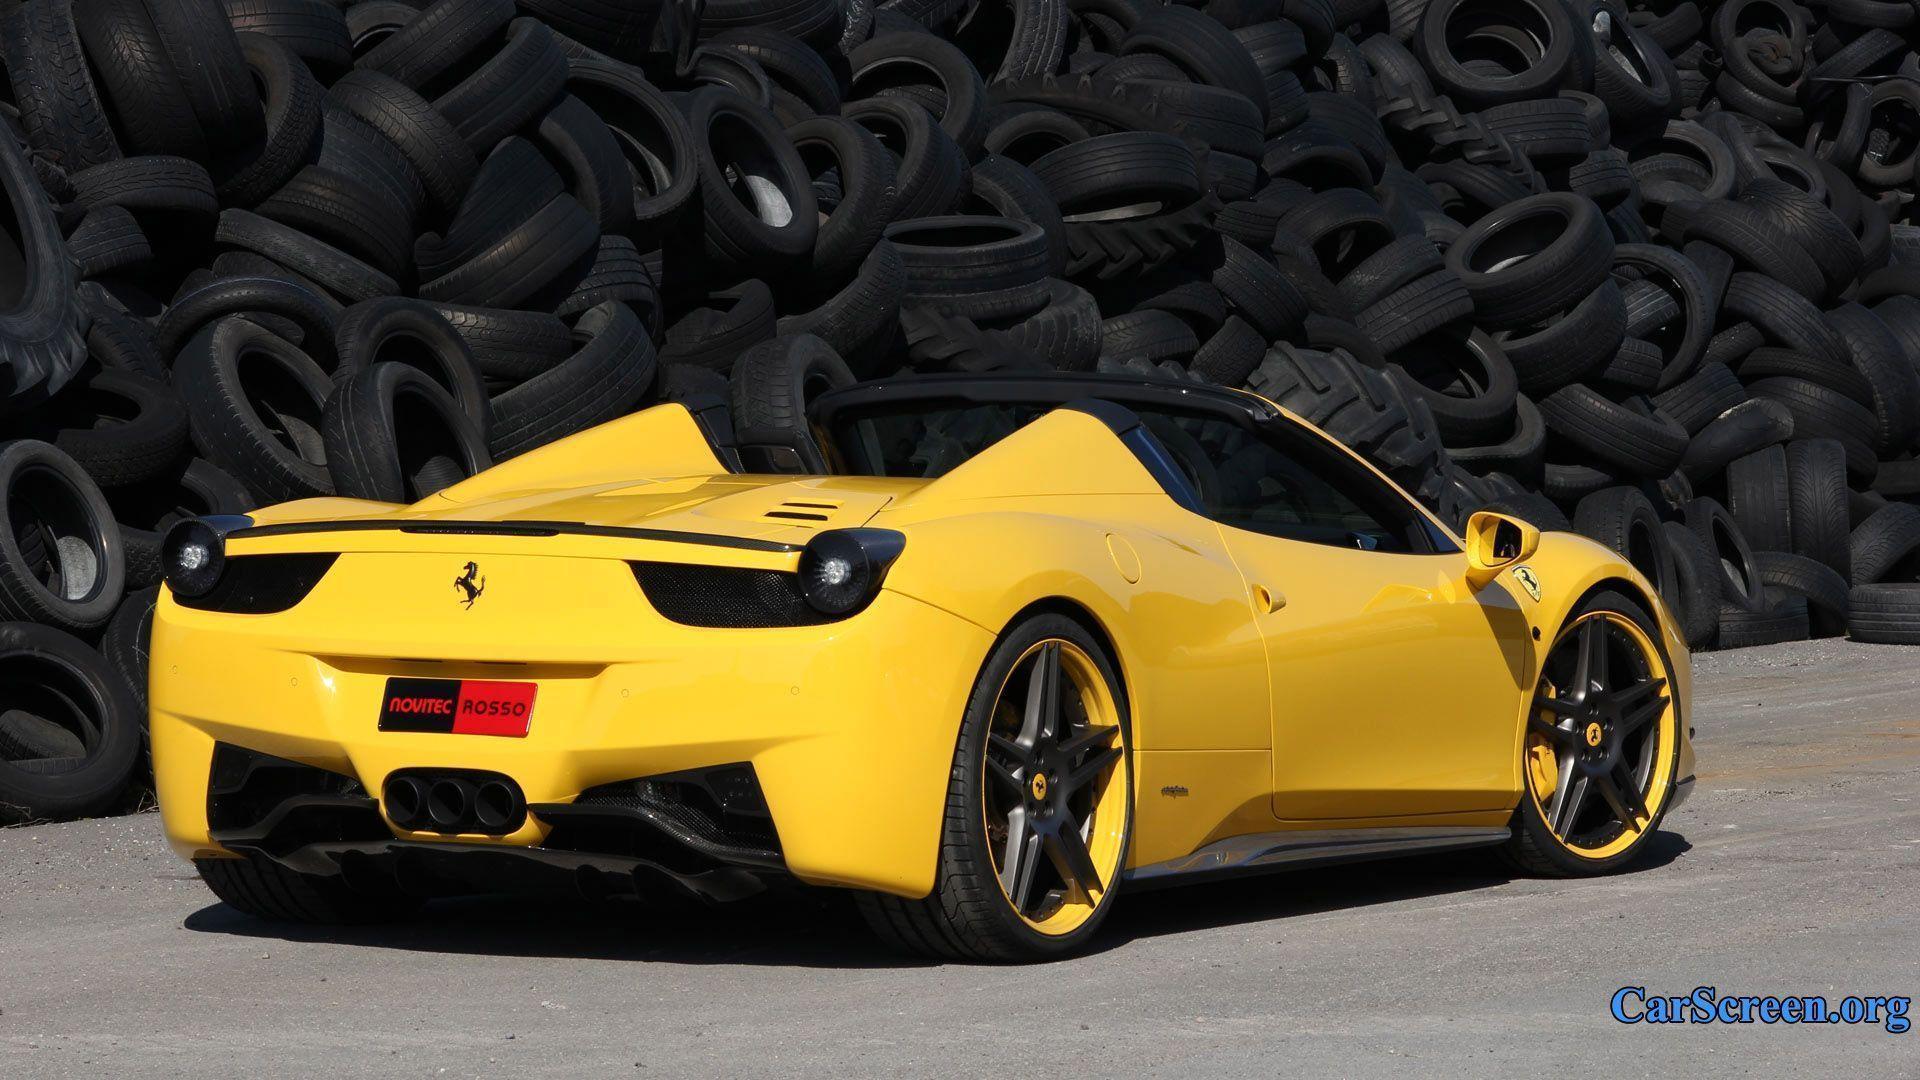 Ferrari 458 Italia Wallpapers HD - Wallpaper Cave